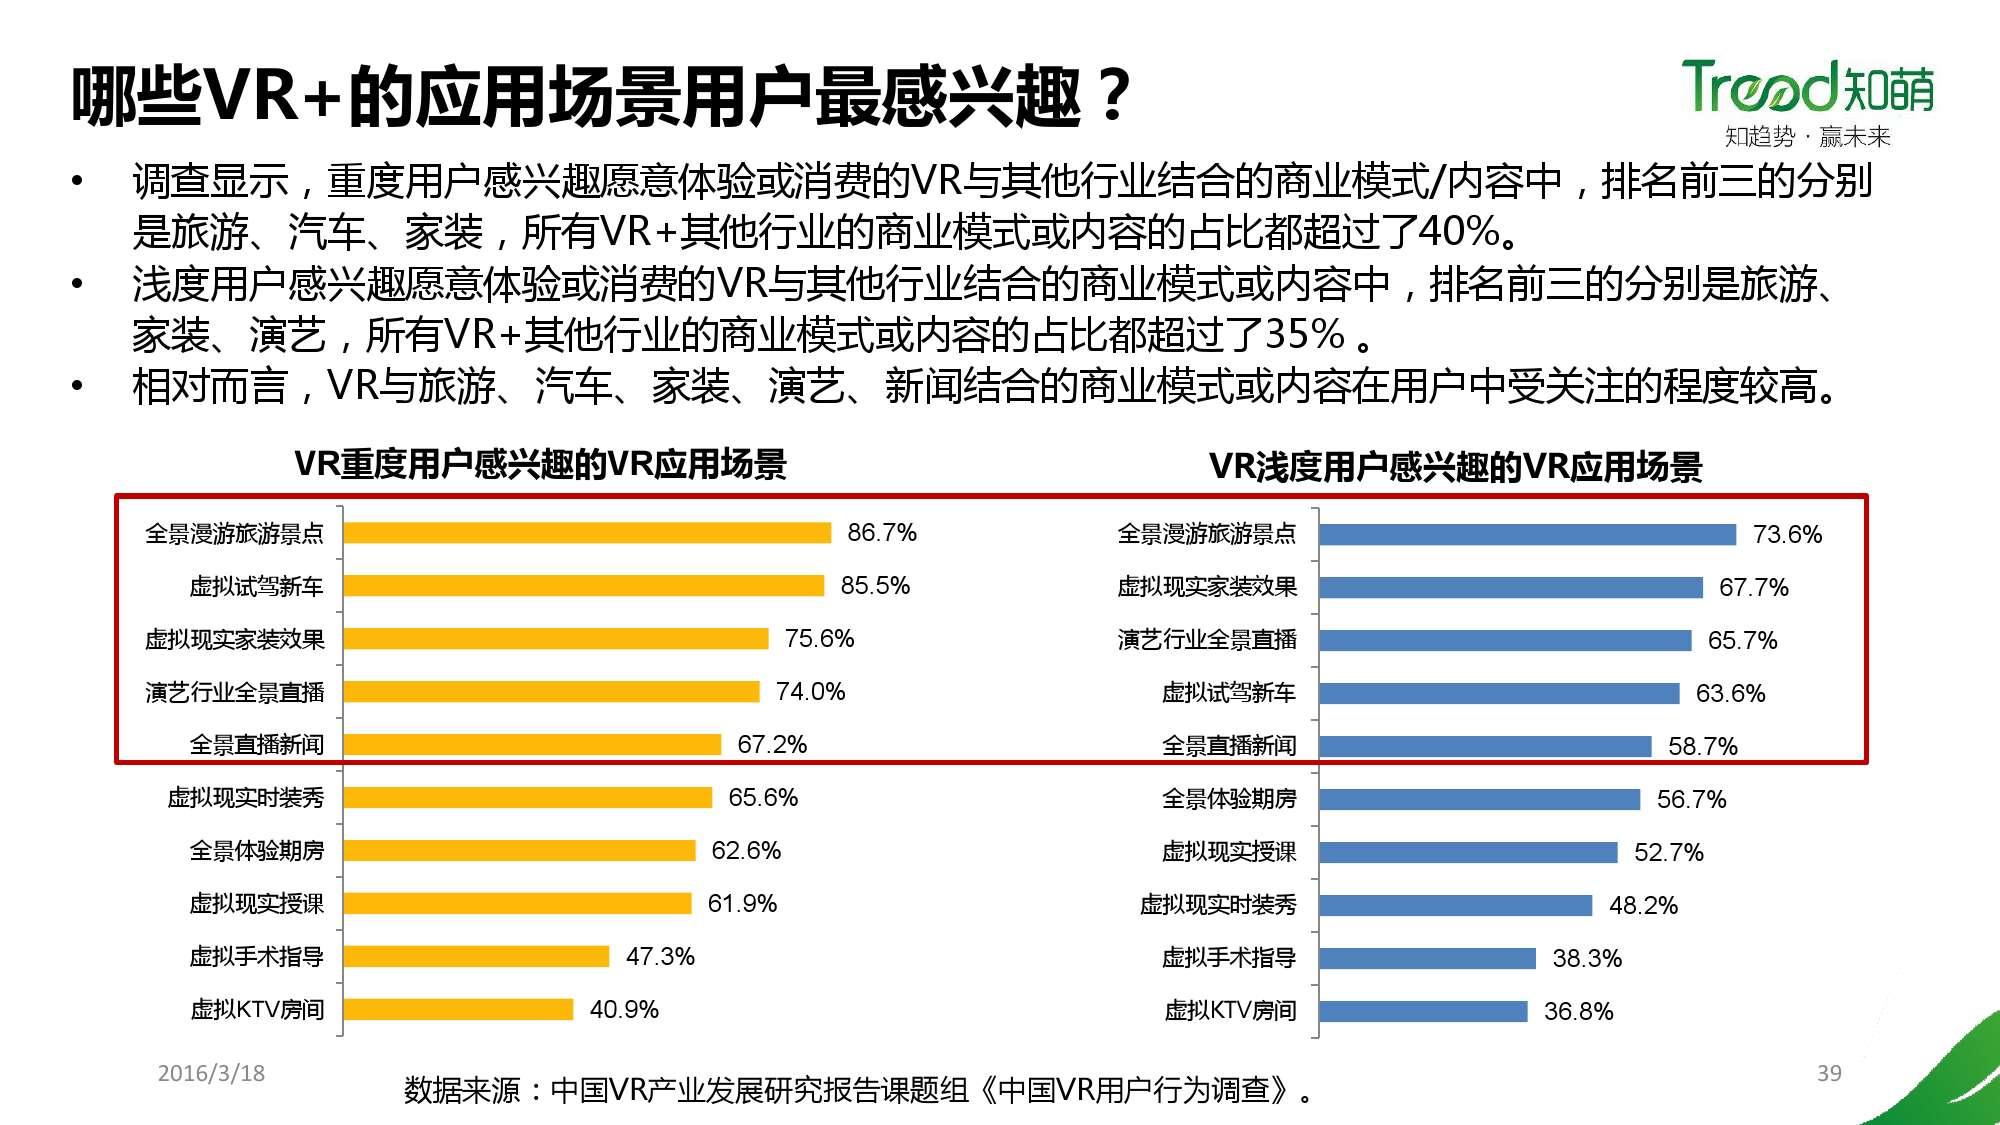 中国VR用户行为研究报告_000039